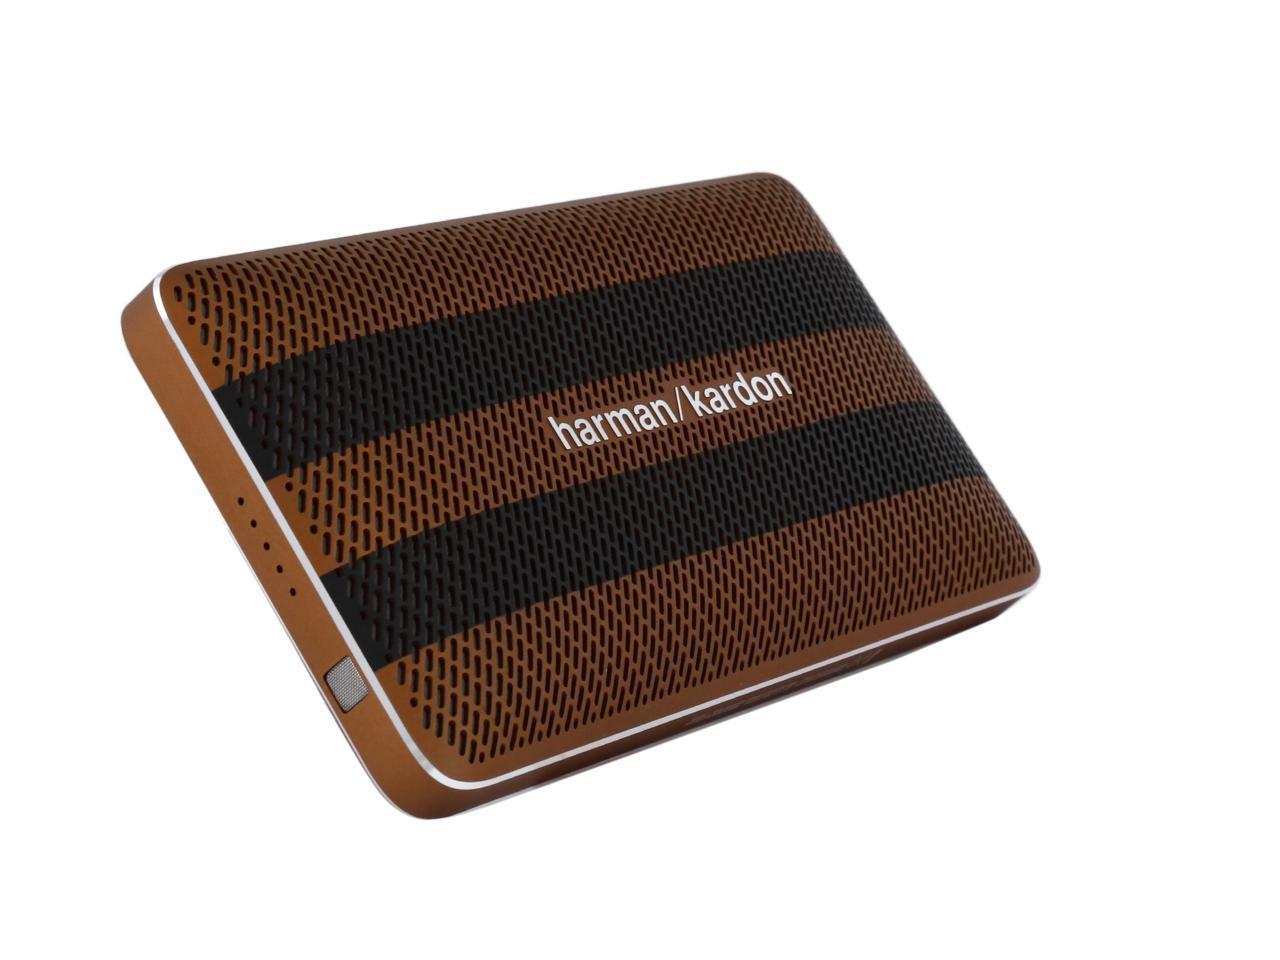 Portable Media,Newegg.com